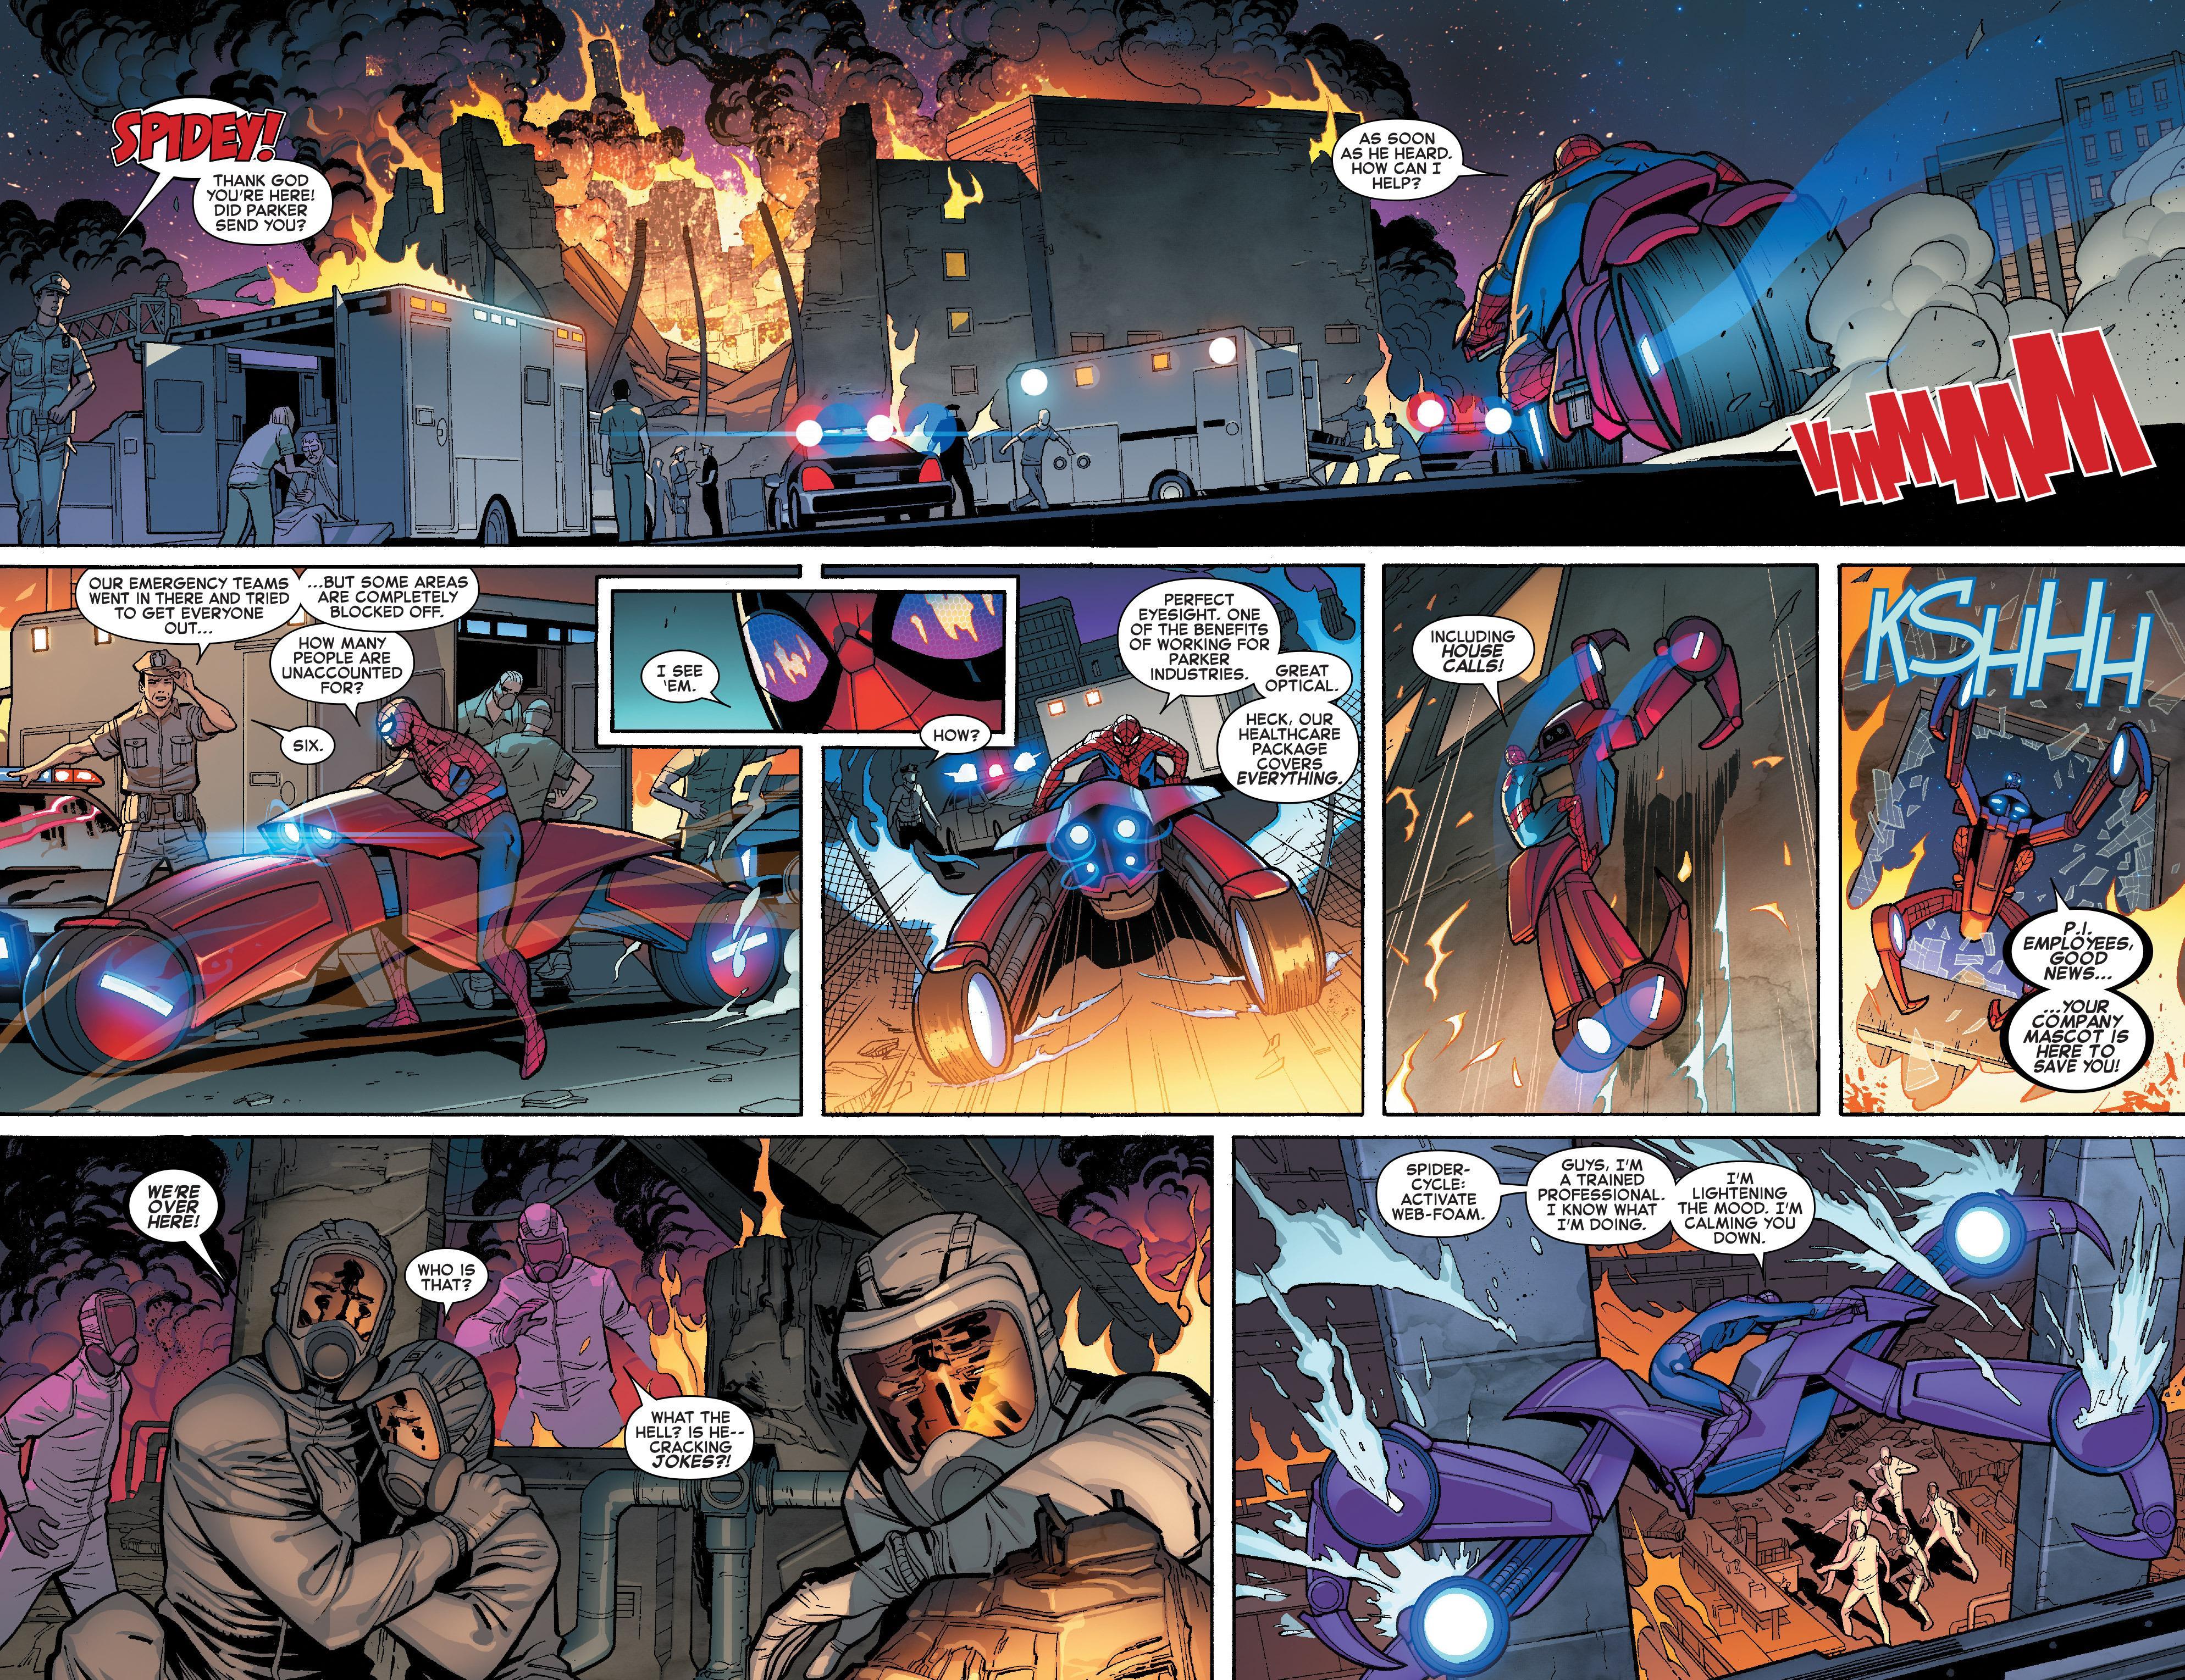 Spider-Man Worldwide vol 4 review